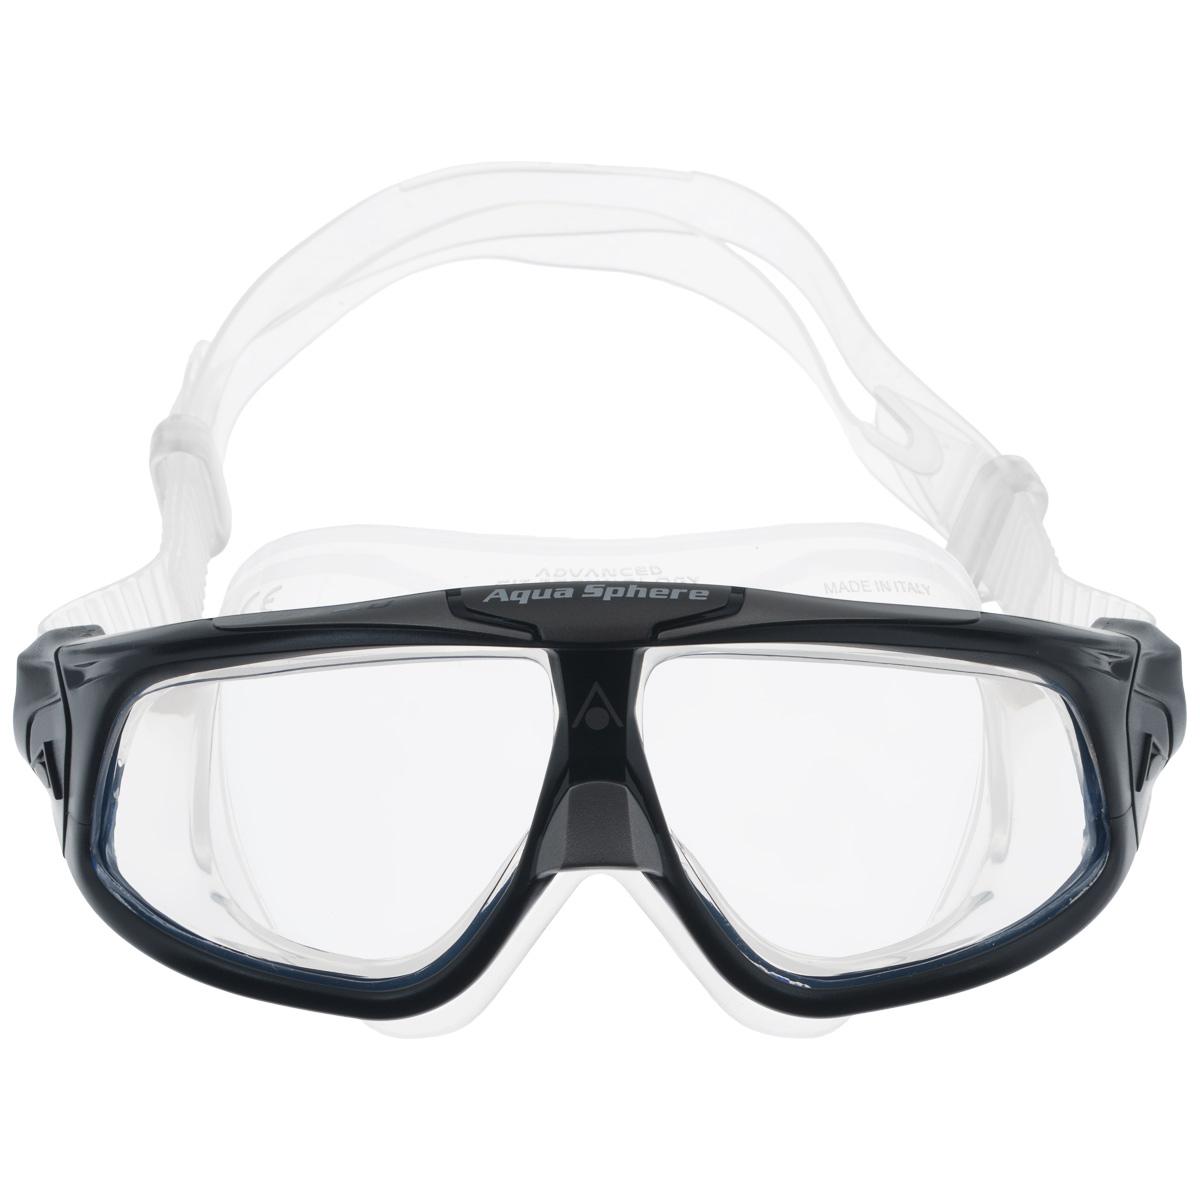 Очки для плавания Aqua Sphere Seal 2.0, цвет: черный, серебристыйTN 175100Aqua Sphere Seal 2.0 являются идеальными очками для тех, кто пользуется контактными линзами, так как они обеспечивают высокий уровень защиты глаз от внешних раздражителей, бактерий, соли и хлора. Особая форма линз обеспечивает панорамный обзор 180°. Очки дают 100% защиту от ультрафиолетового излучения. Специальное покрытие препятствует запотеванию стекол. Материал: силикон, plexisol.